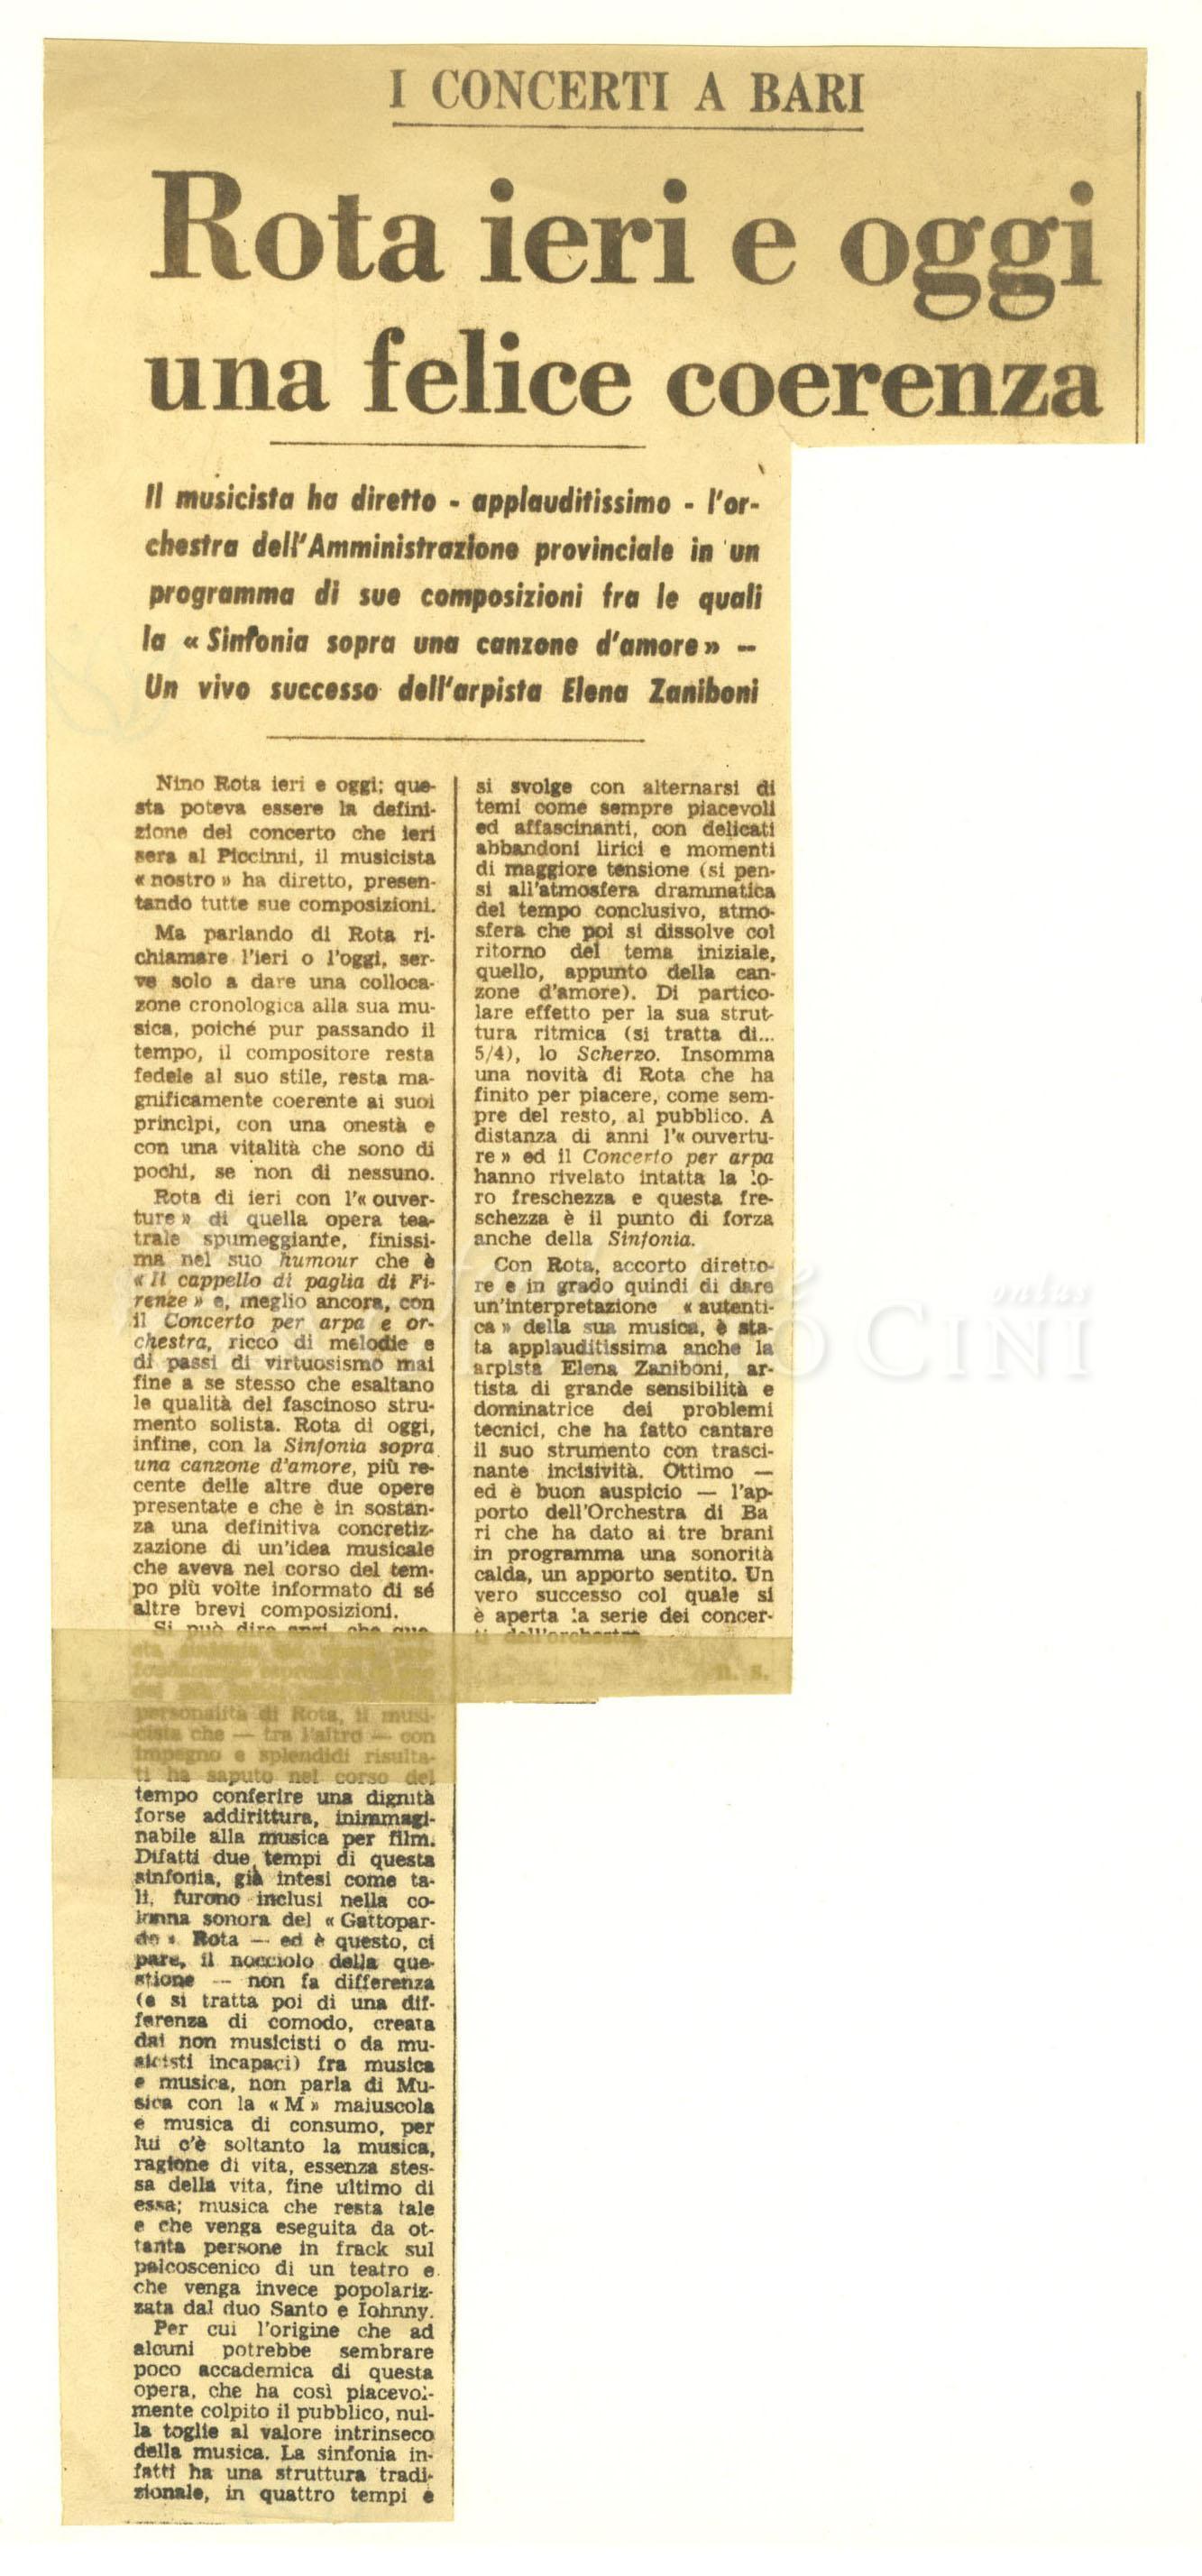 Rota ieri e oggi una felice coerenza  11 dicembre 1972